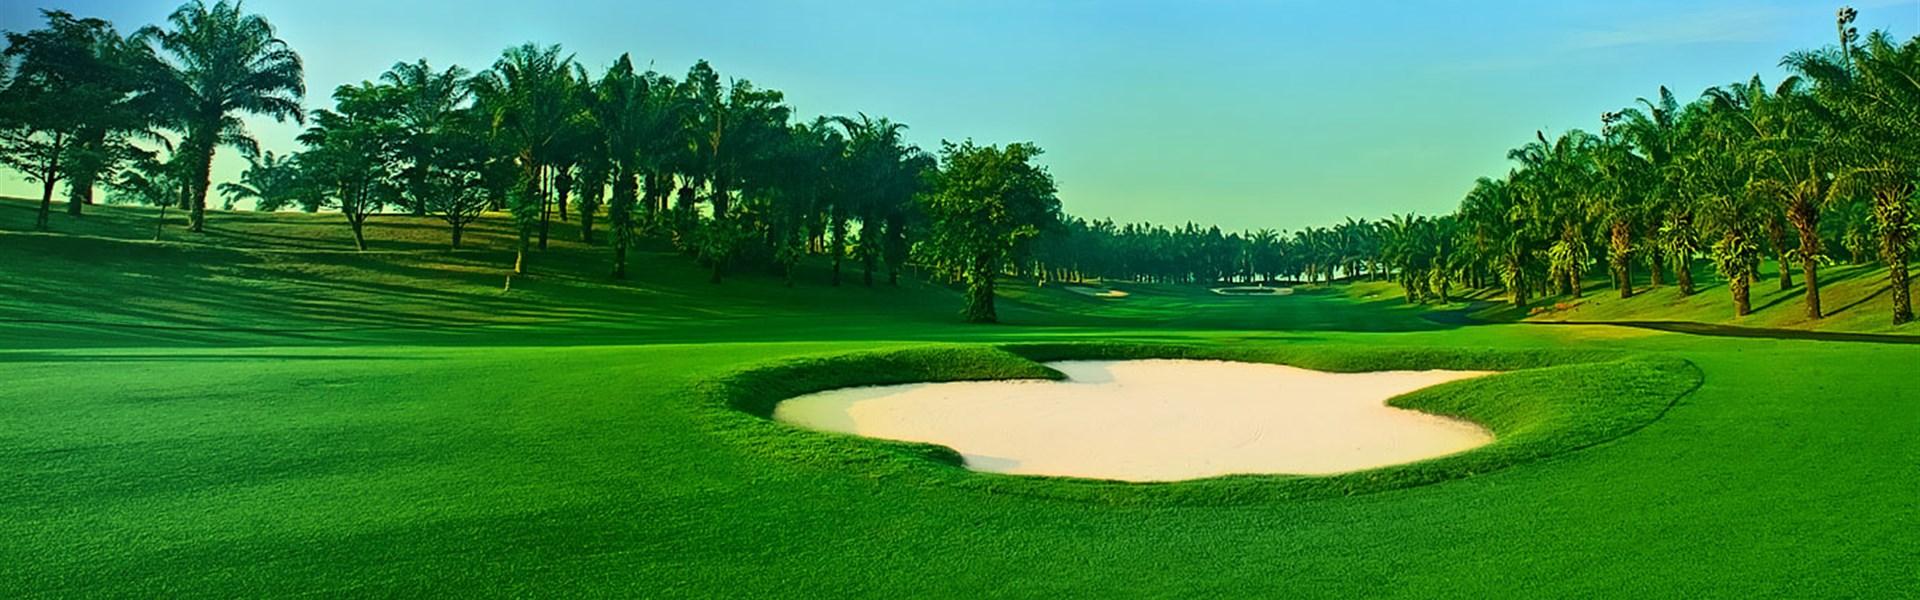 Golf ve Vietnamu - Centrální a jižní Vietnam - Golf ve Vietnamu_Saigon_Long Thanh